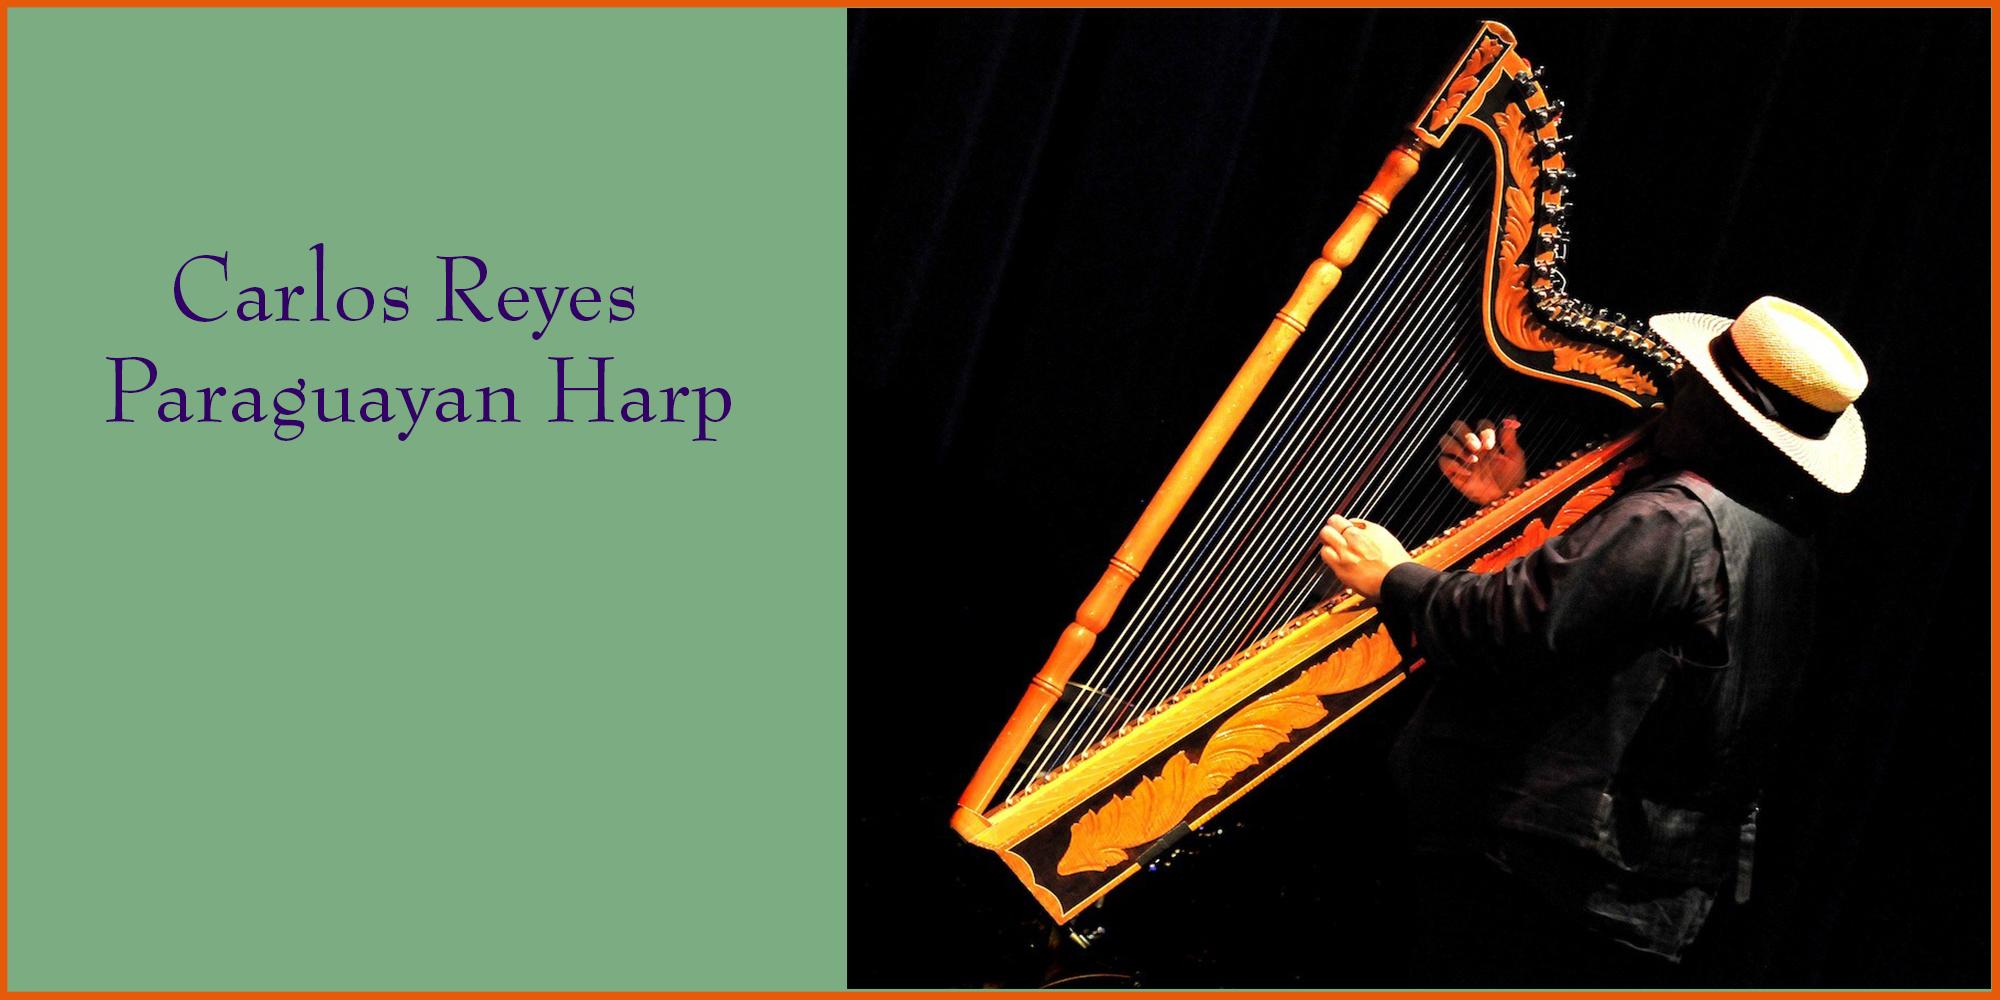 Carlos Reyes on Paraguayan Harp